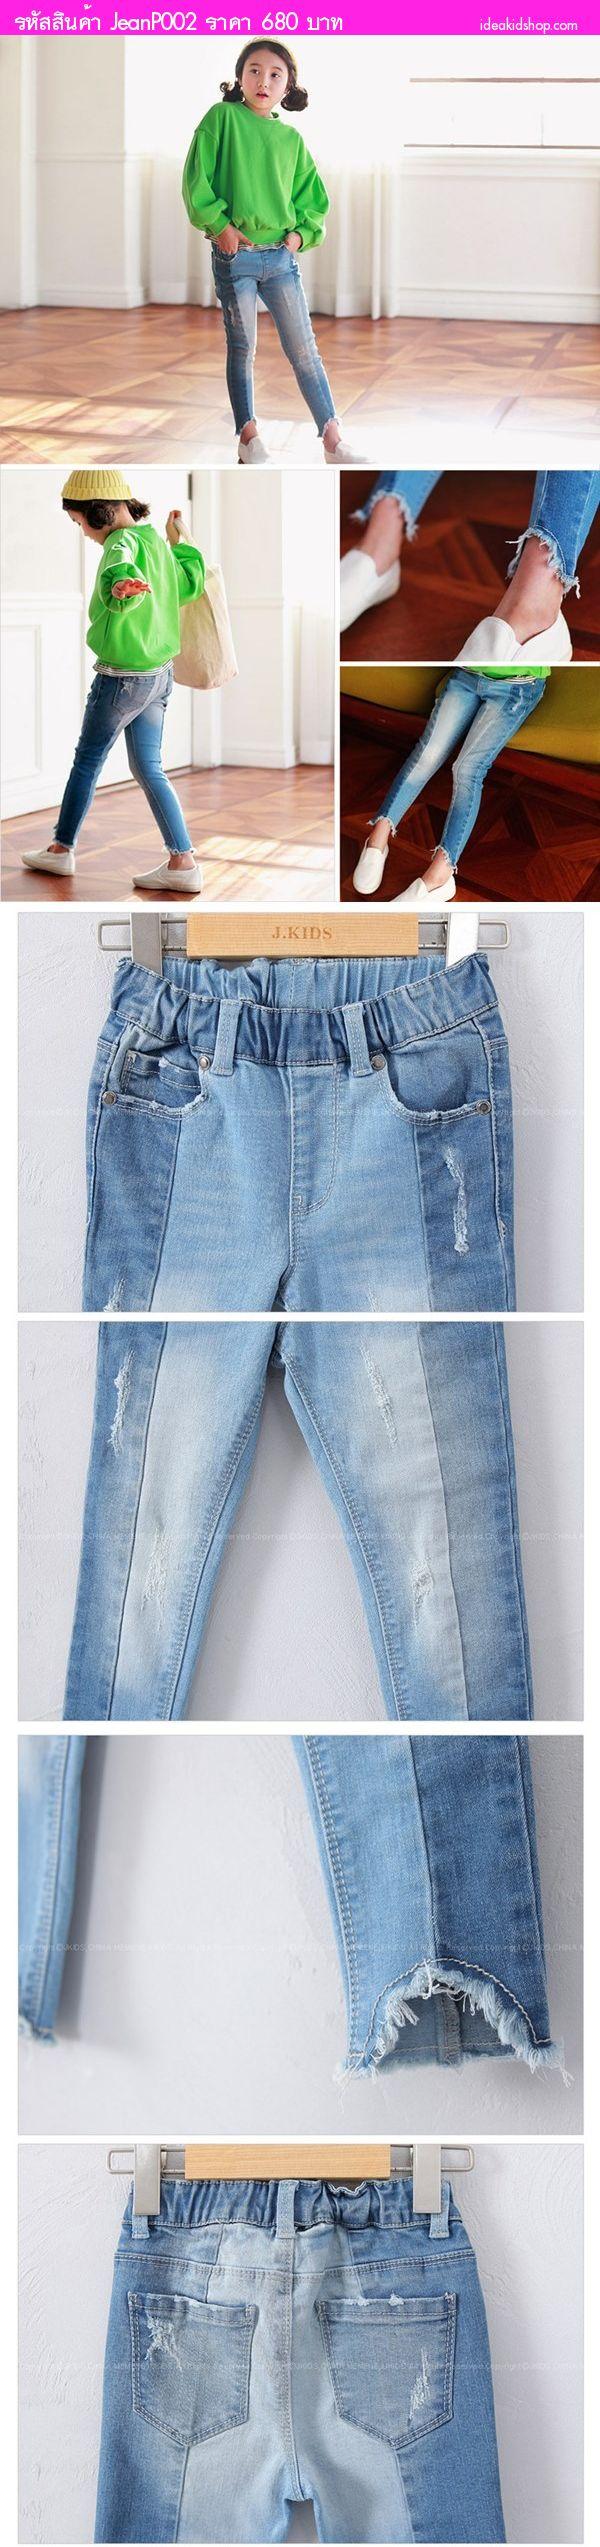 กางเกงยีนส์ Charming ปลายรุ่ย สียีนส์